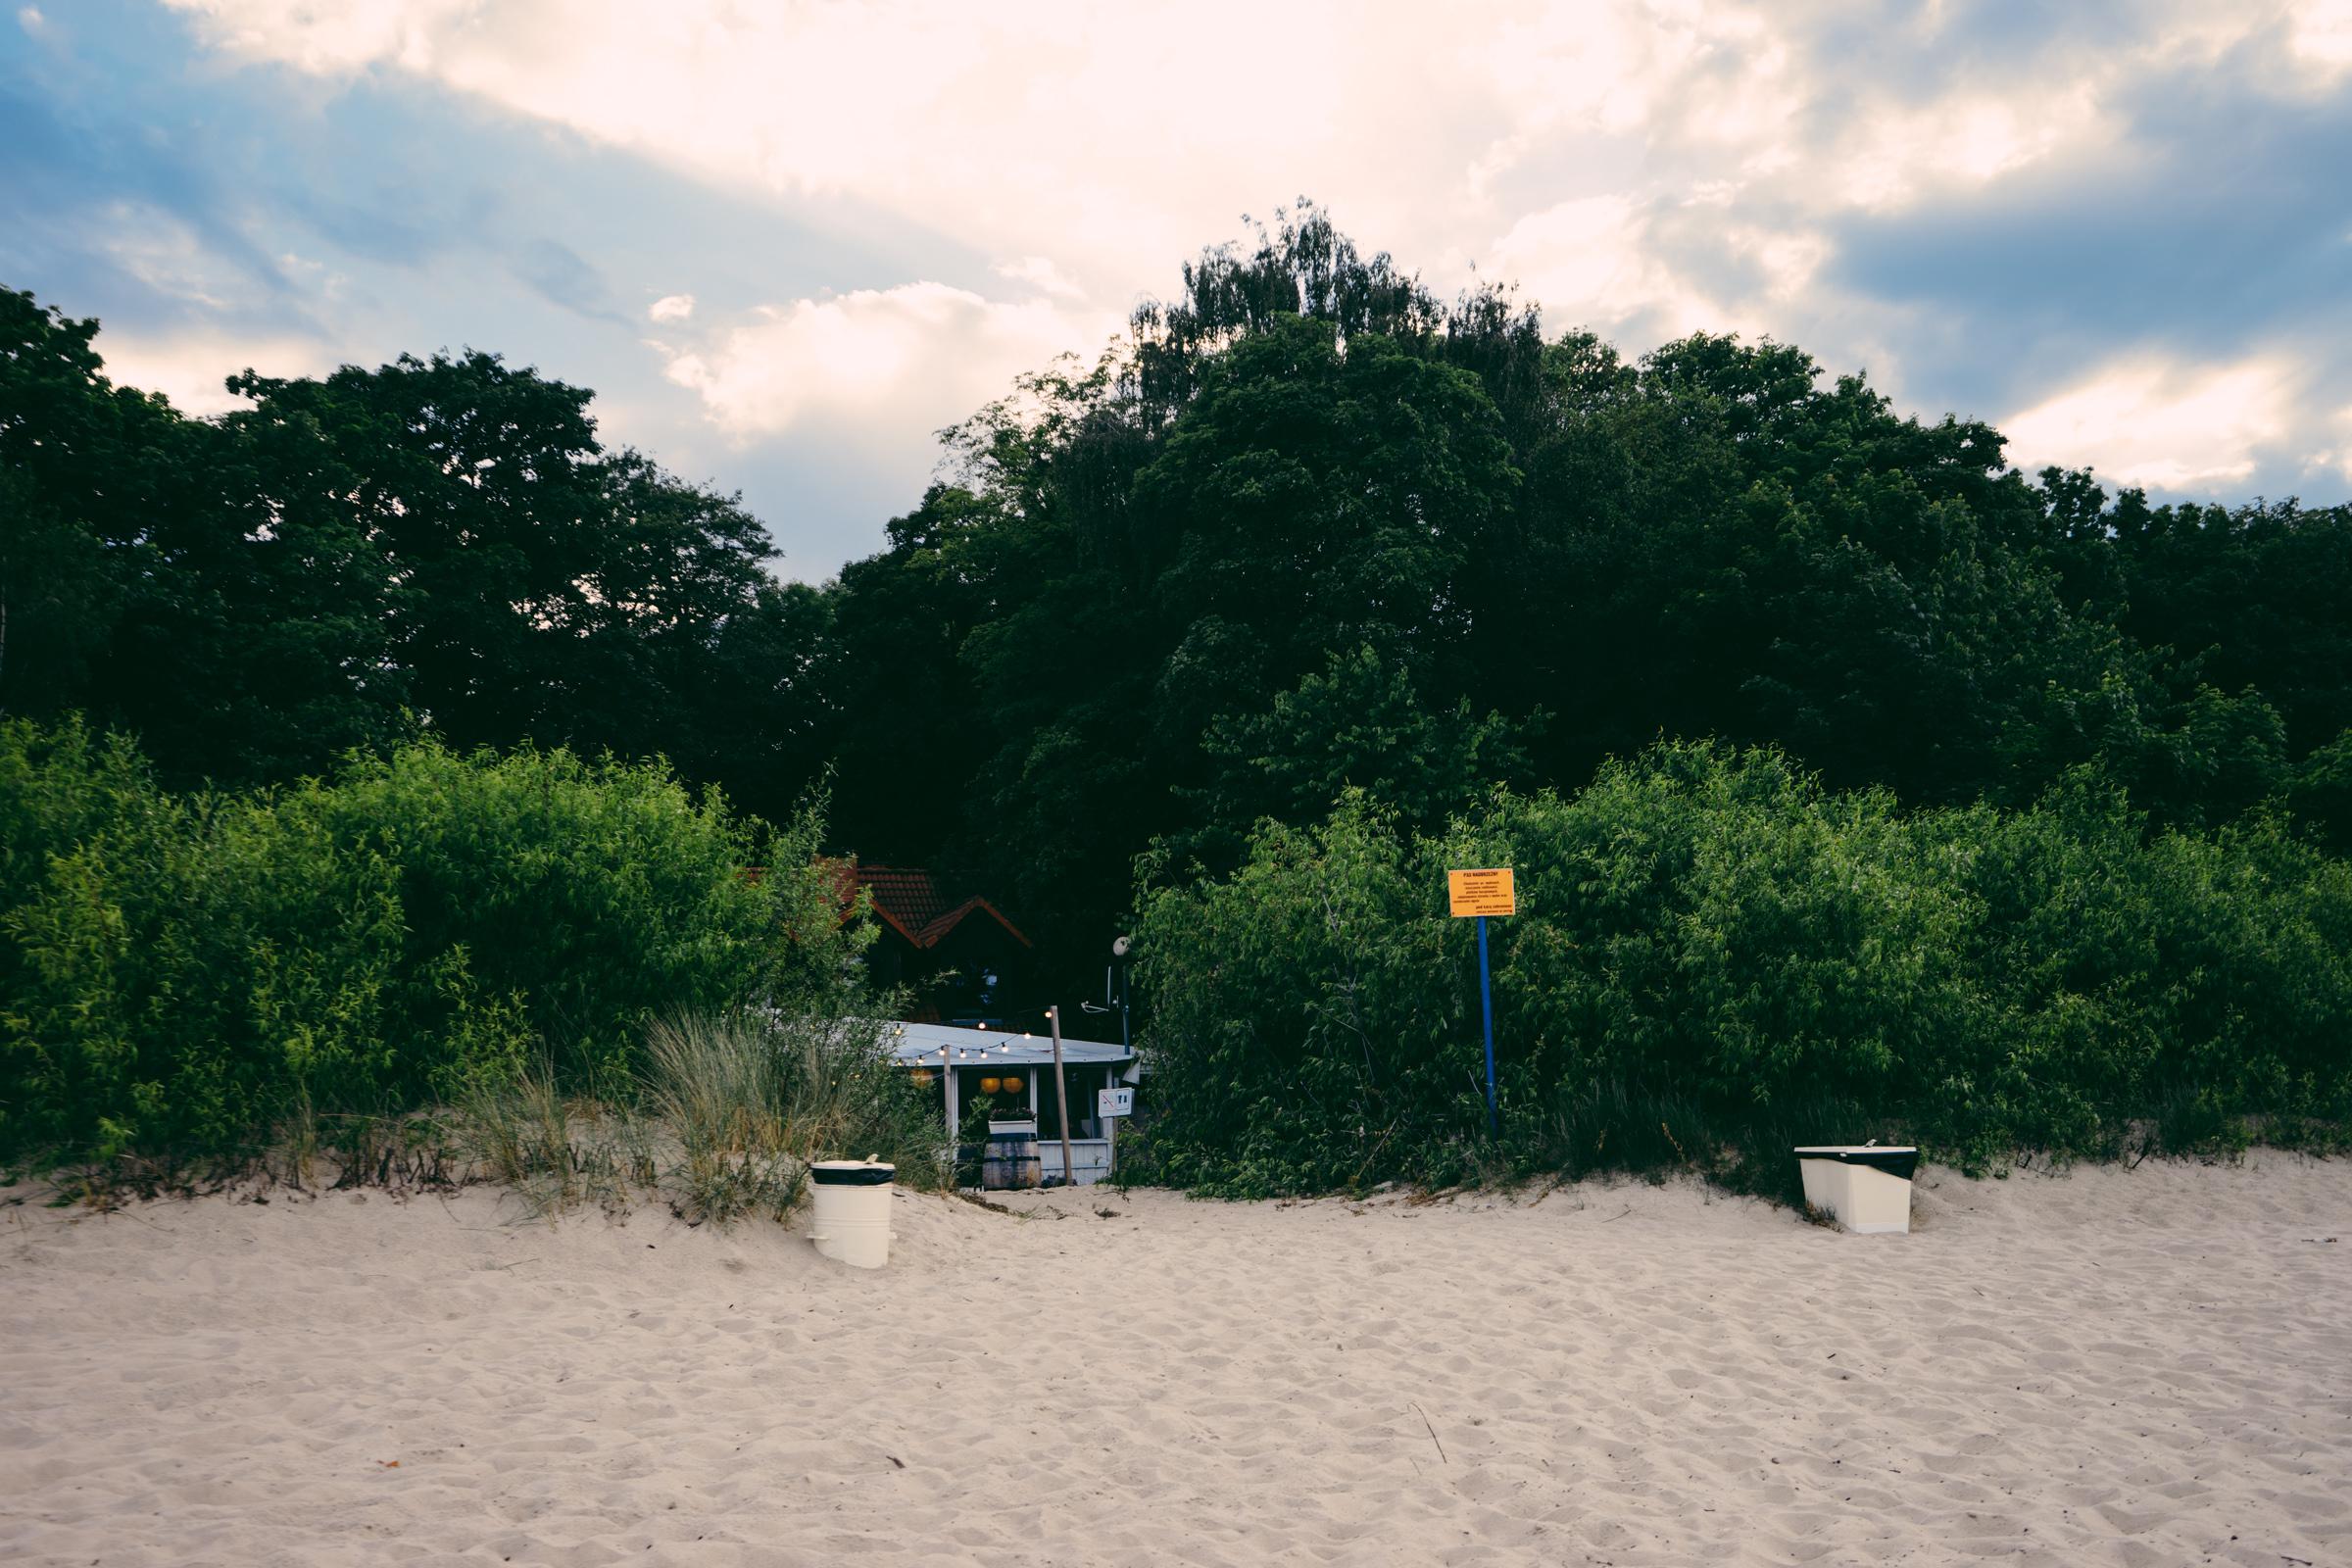 Le restaurant Bulaj est dissimulé dans les dunes de Sopot - Pologne